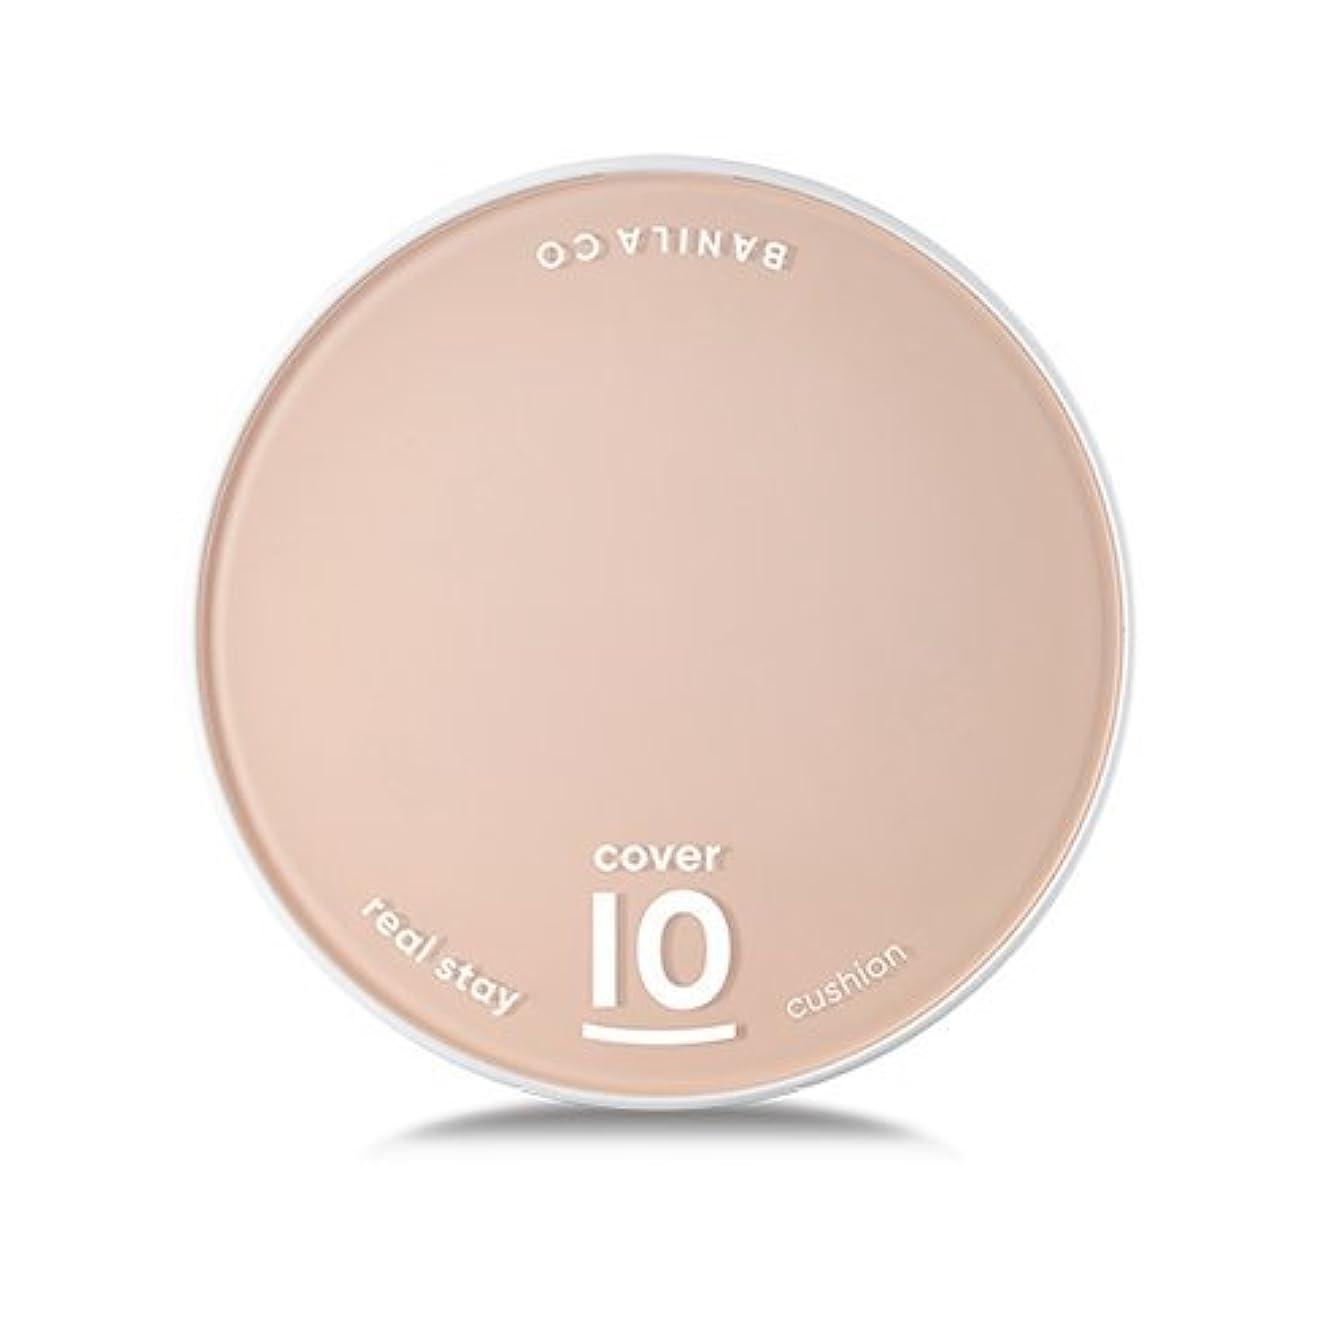 暫定の真似る提供[Renewal] BANILA CO Cover 10 Real Stay Cushion 15g + Refill 15g/バニラコ カバー 10 リアル ステイ クッション 15g + リフィル 15g (#BE20...